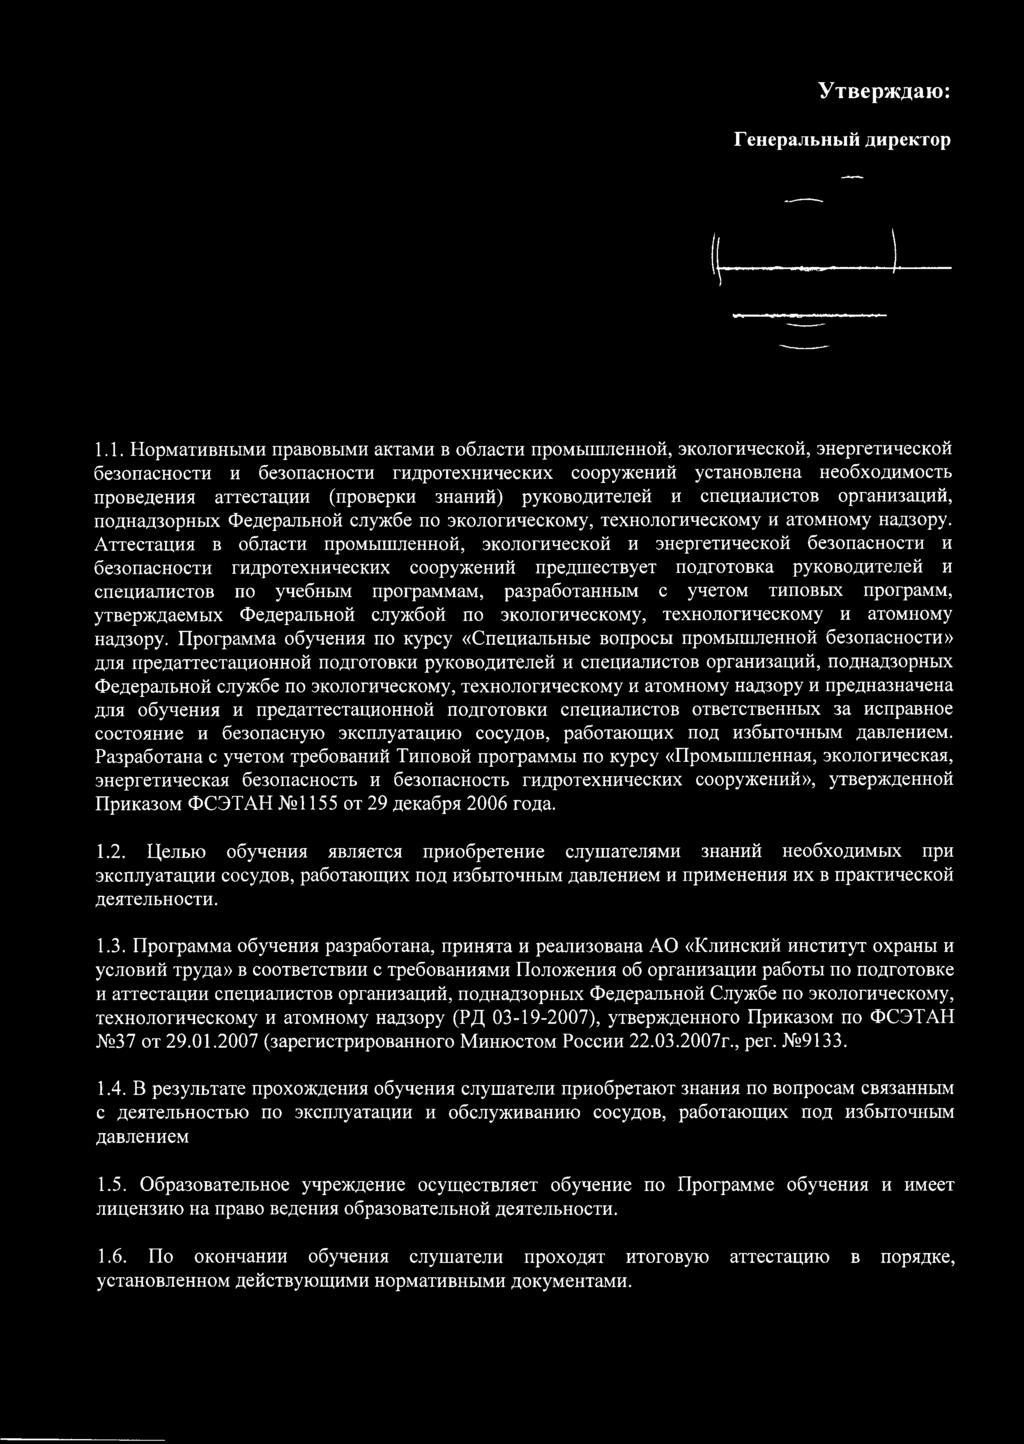 dokumenty-reglamentiruyushhie-speczialnye-trebovaniya-promyshlennoj-bezopasnosti-pri-ekspluataczii-oborudovaniya-rabotayushhego-pod-davleniem-2